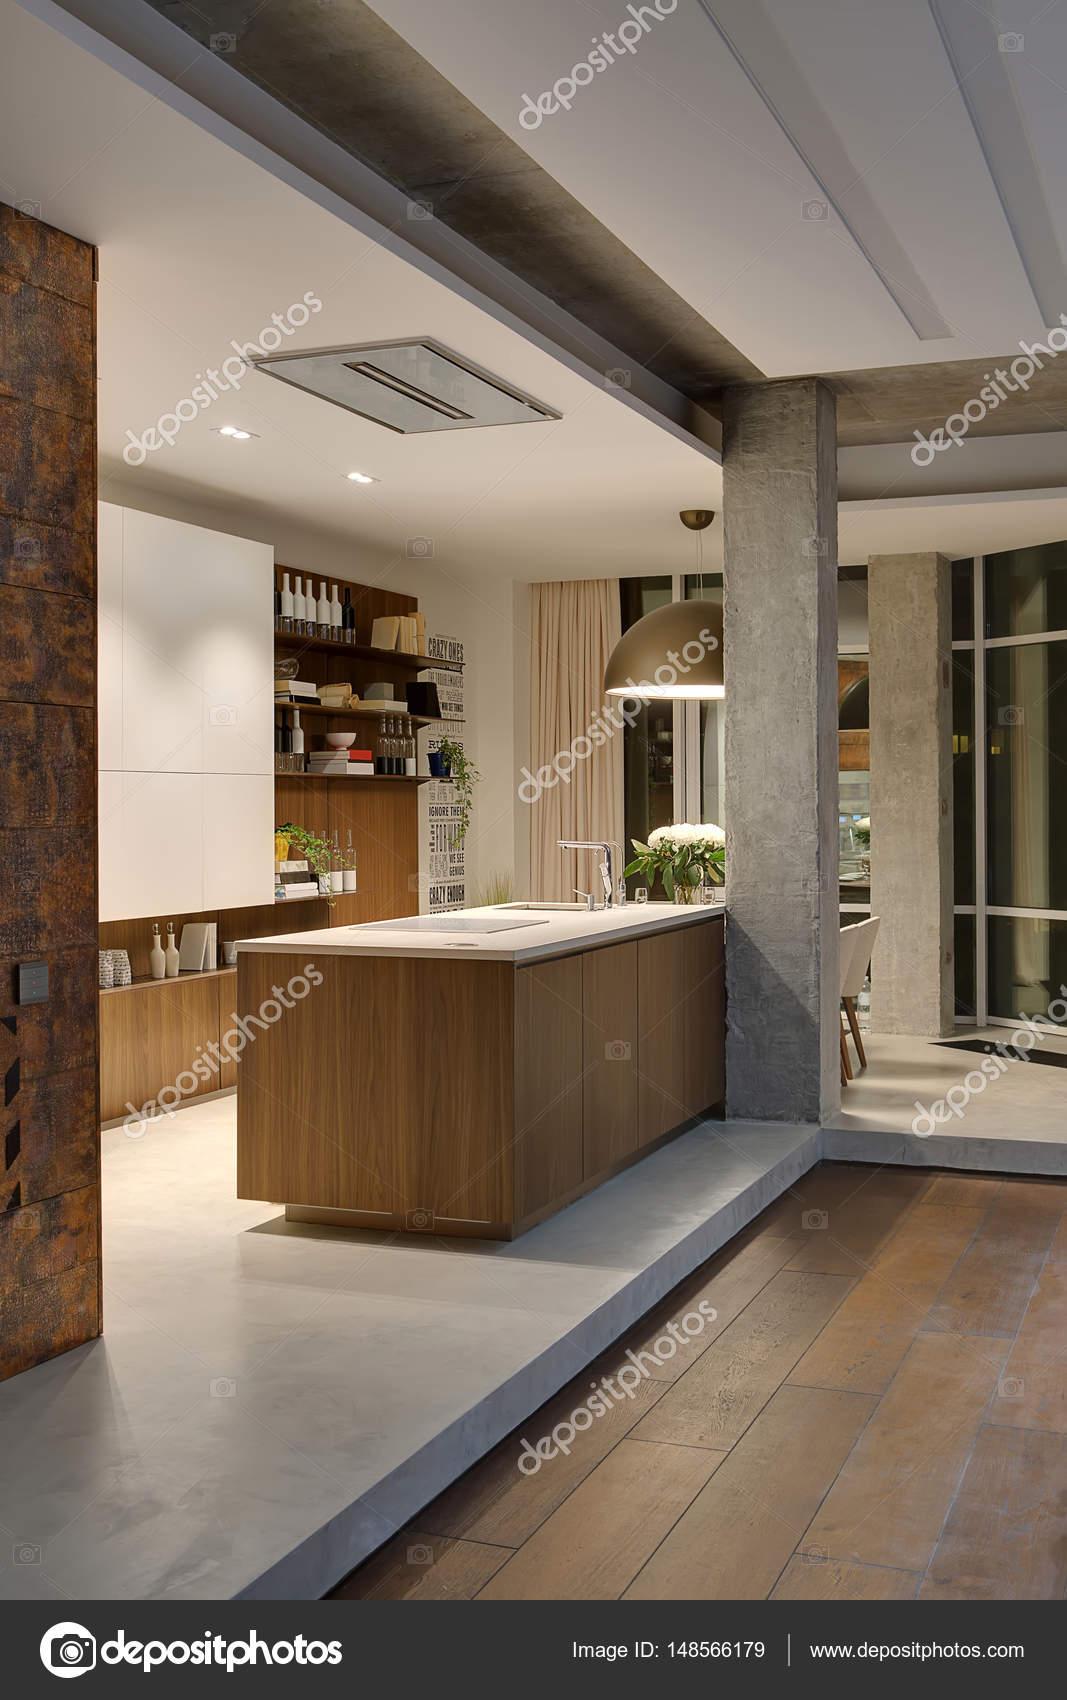 Cozinha Em Estilo Loft Fotografias De Stock Bezikus 148566179